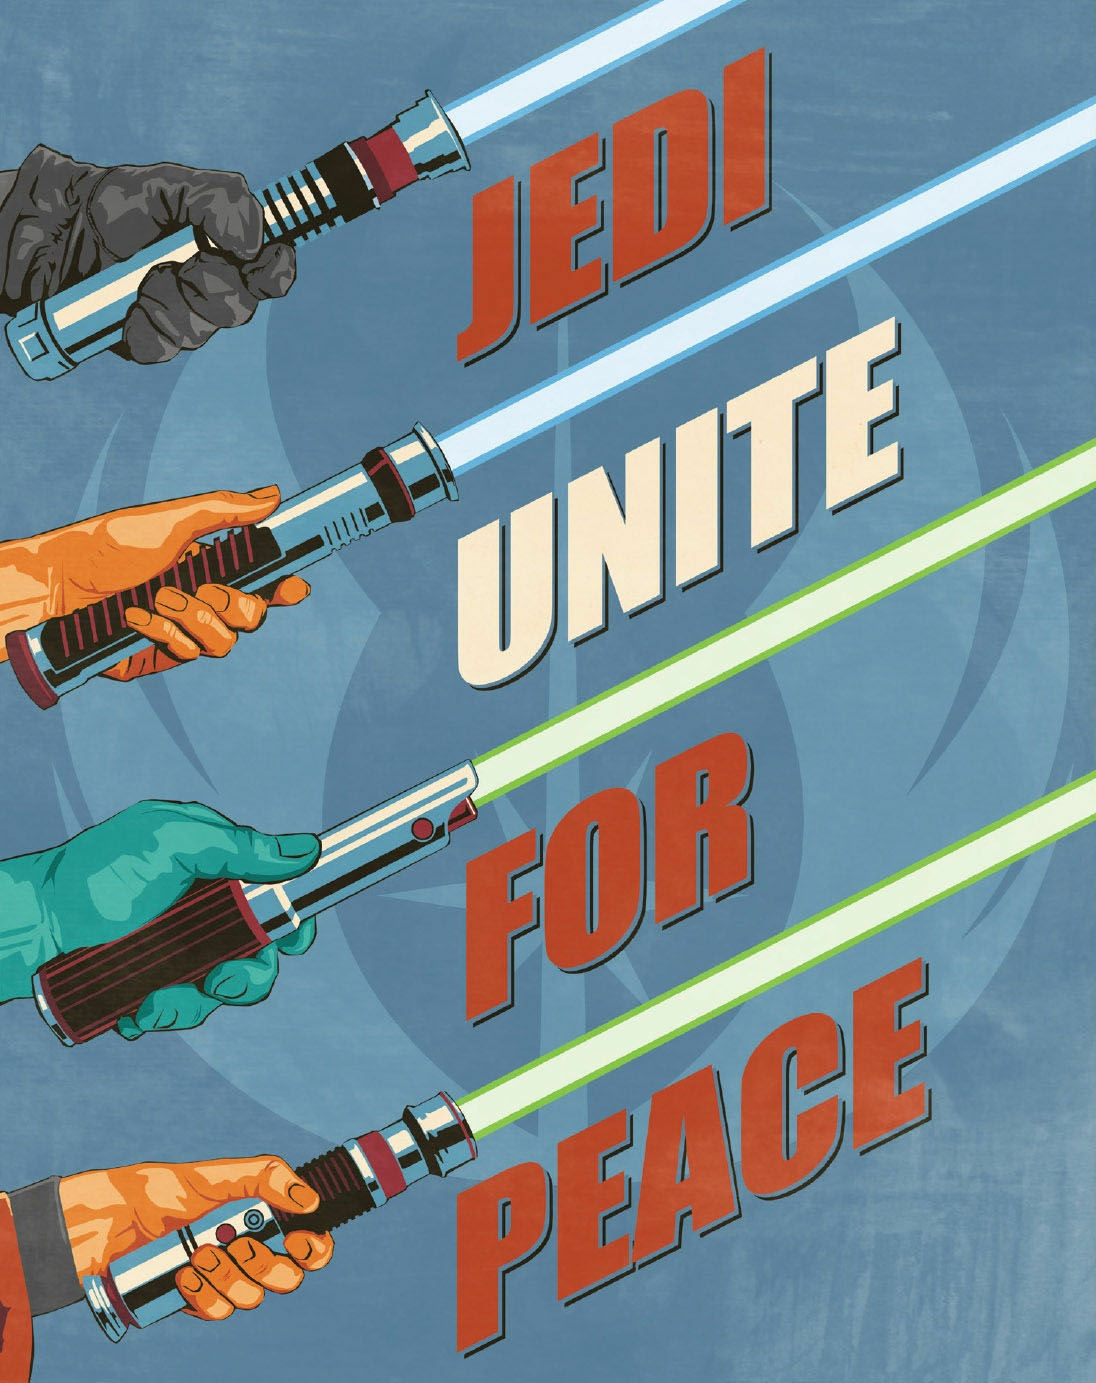 Jedi Unite for Peace